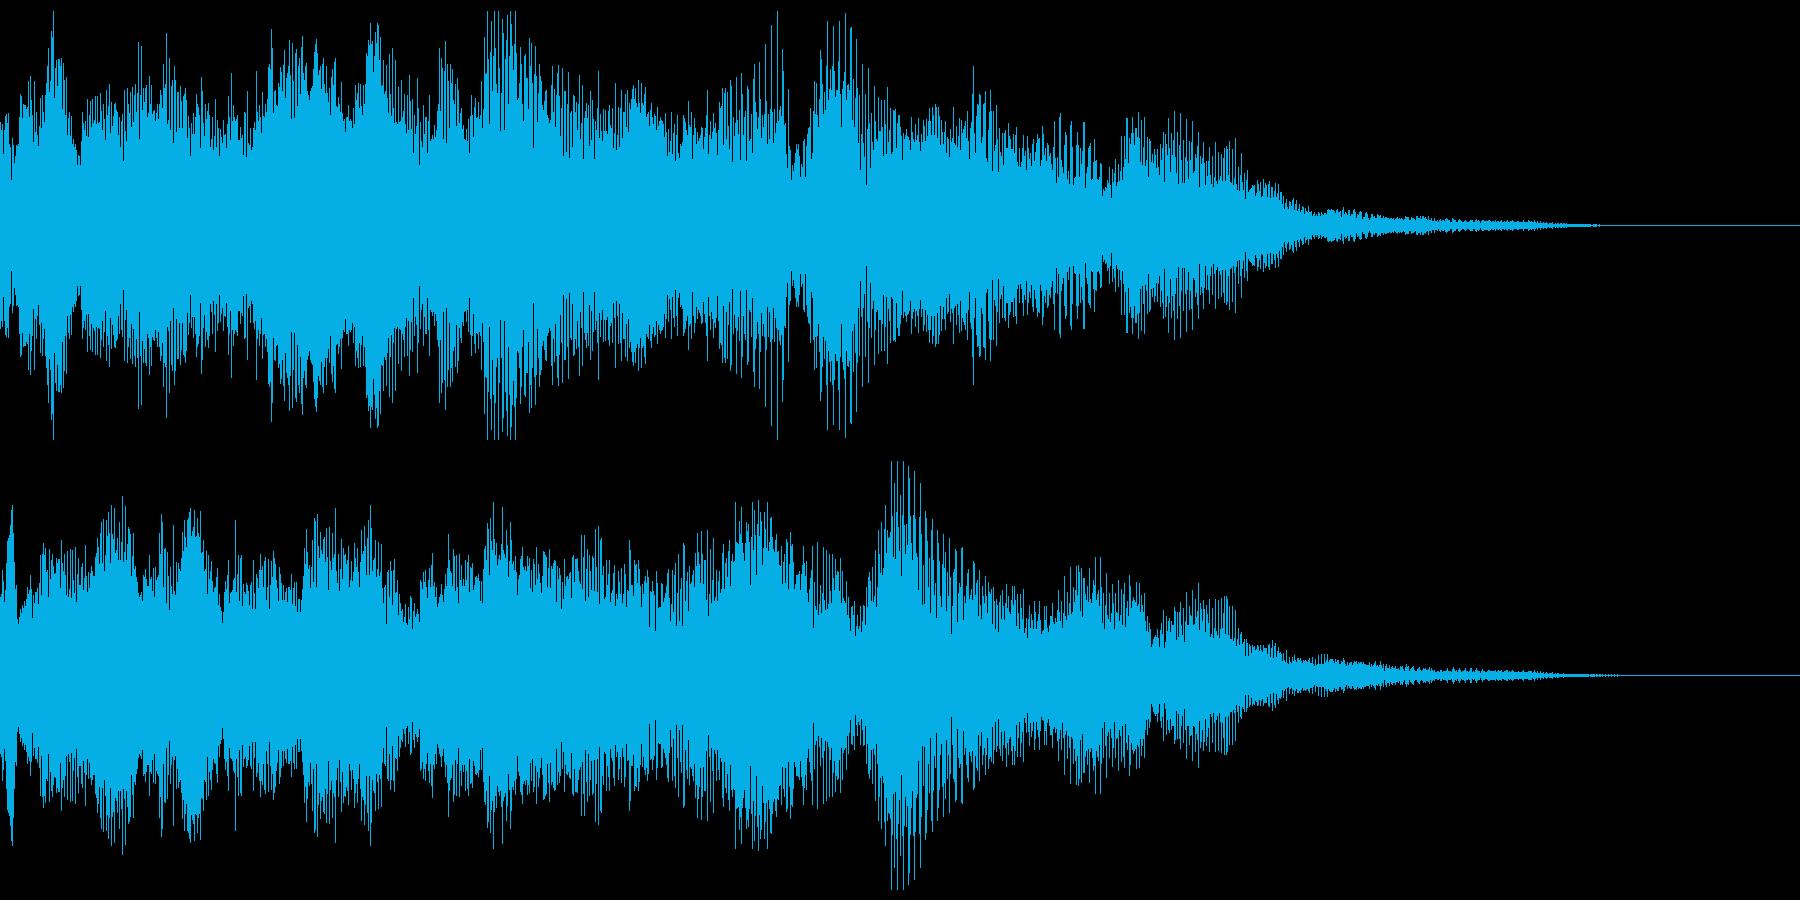 導入演出などに使えるシンセ音の再生済みの波形